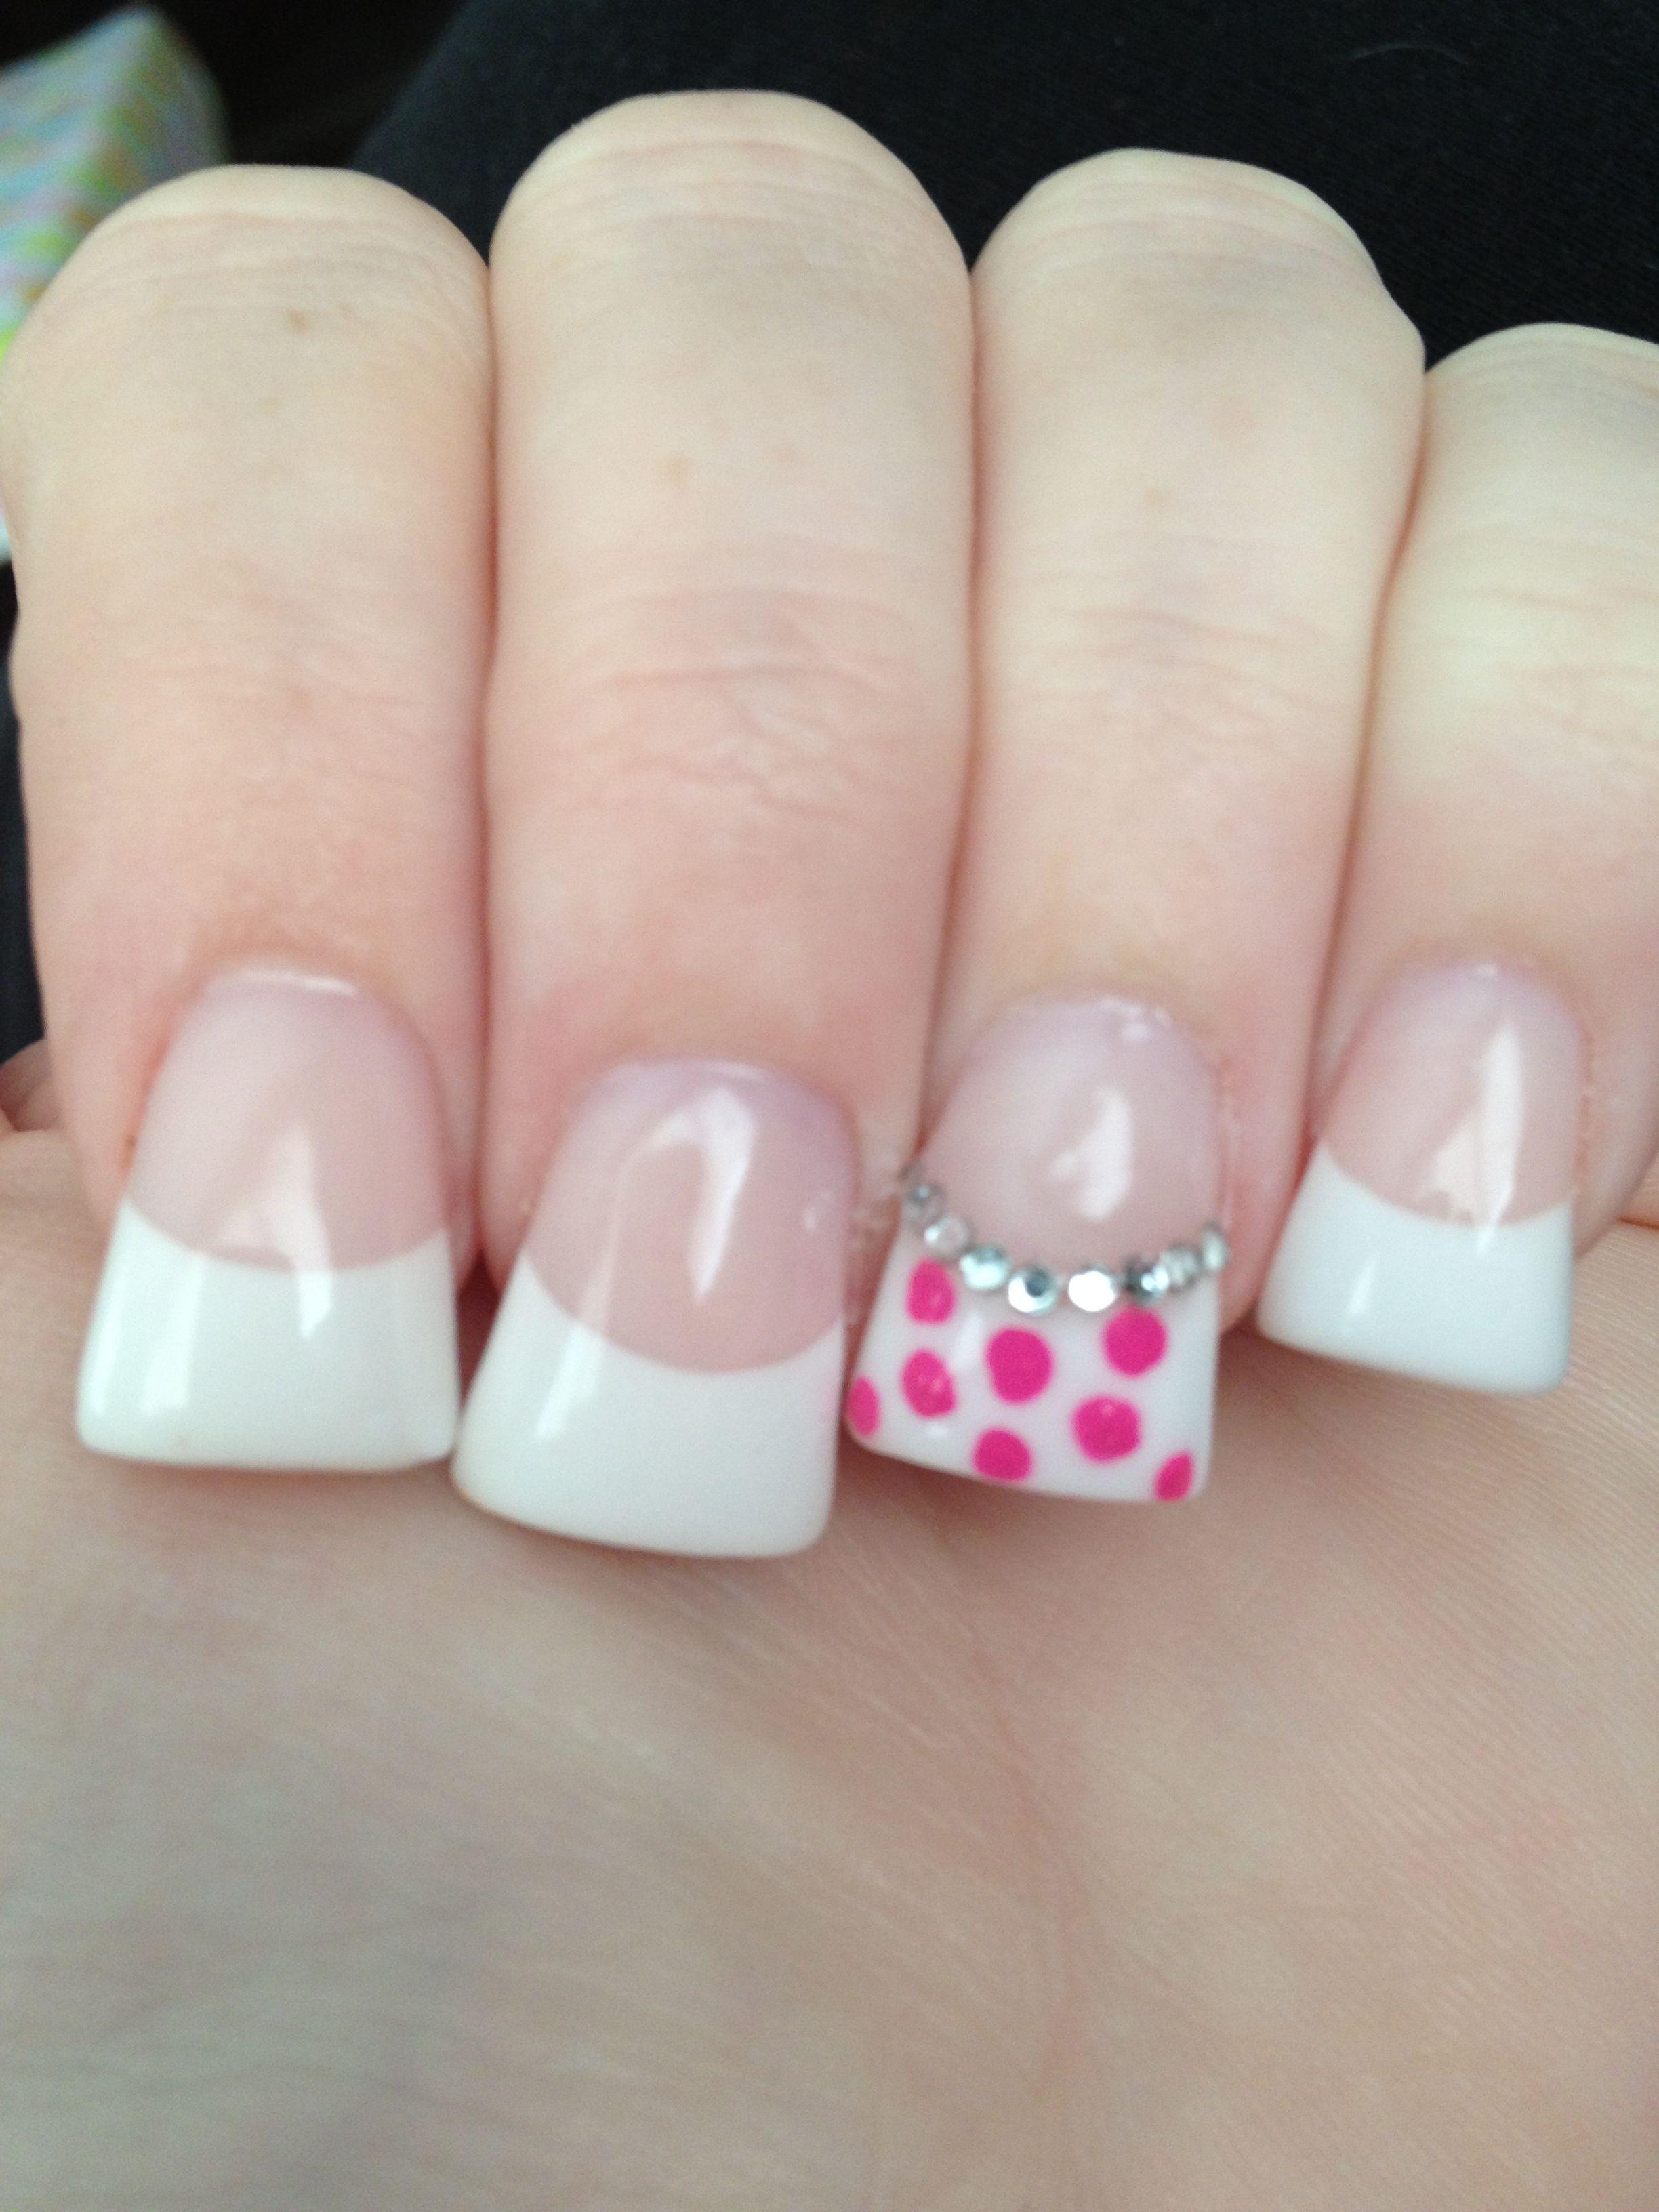 Bling nails duck feet nails | My nails | Pinterest | Feet nails ...